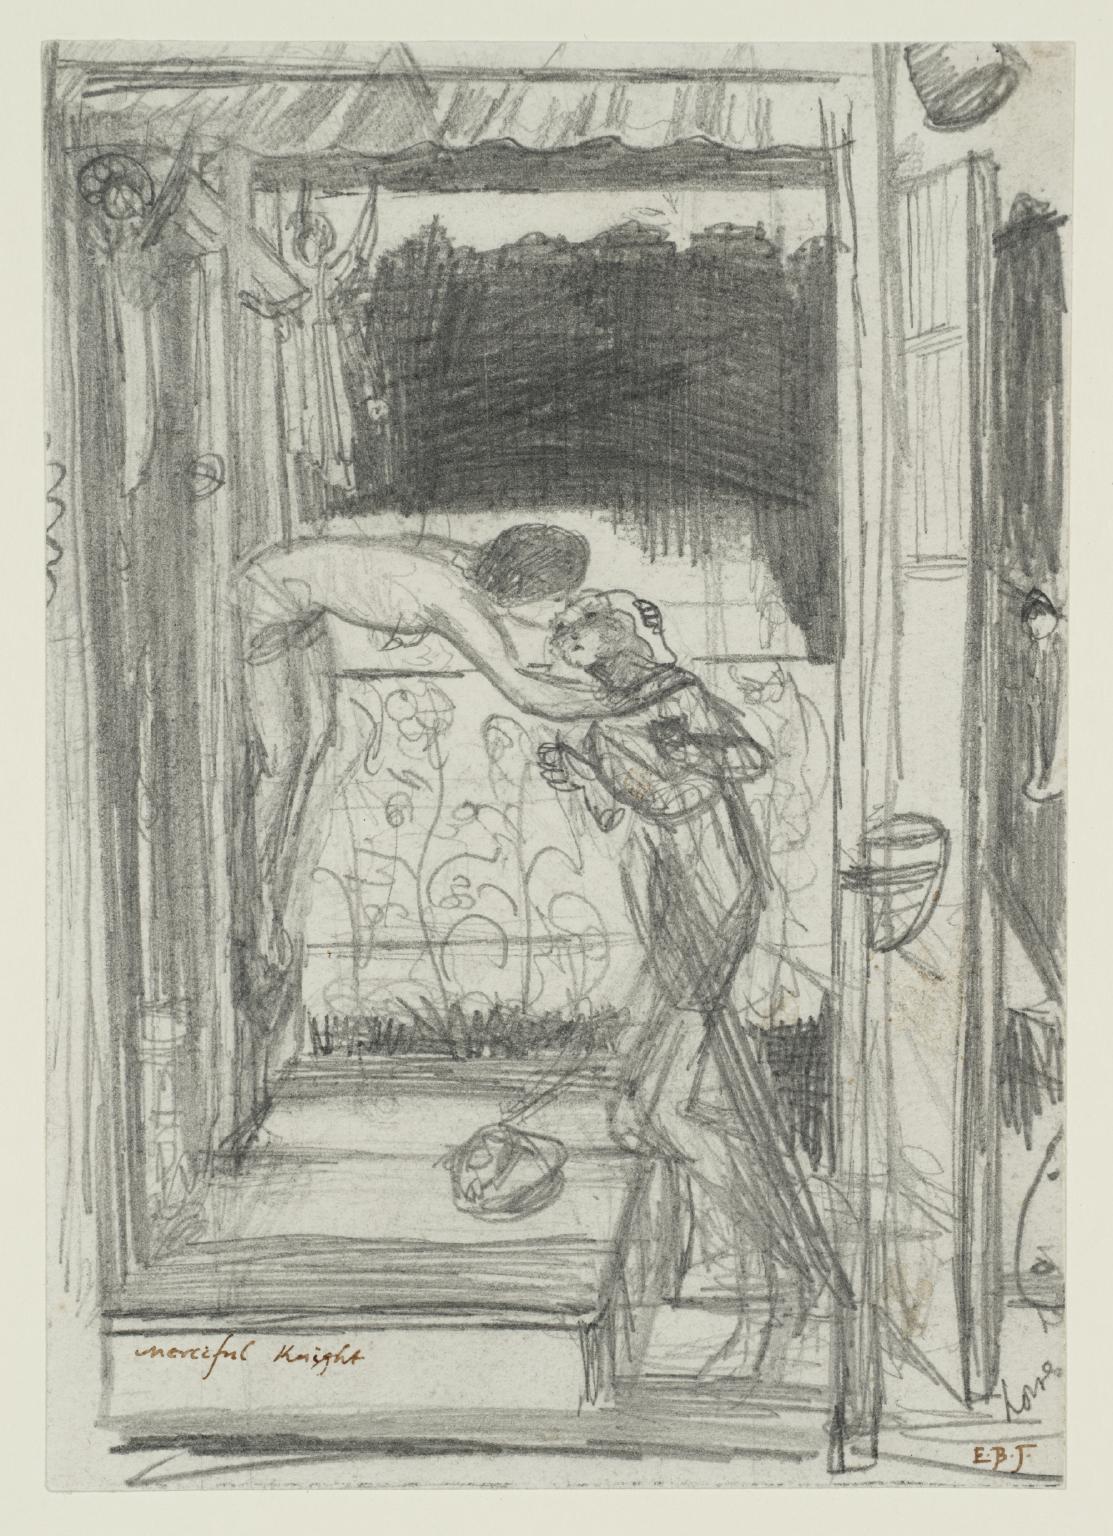 Edward Burne-Jones, Studio di composizione per Il cavaliere misericordioso (1863 circa; grafite su carta, 25,2 x 15,3 cm; Londra, Tate Britain)